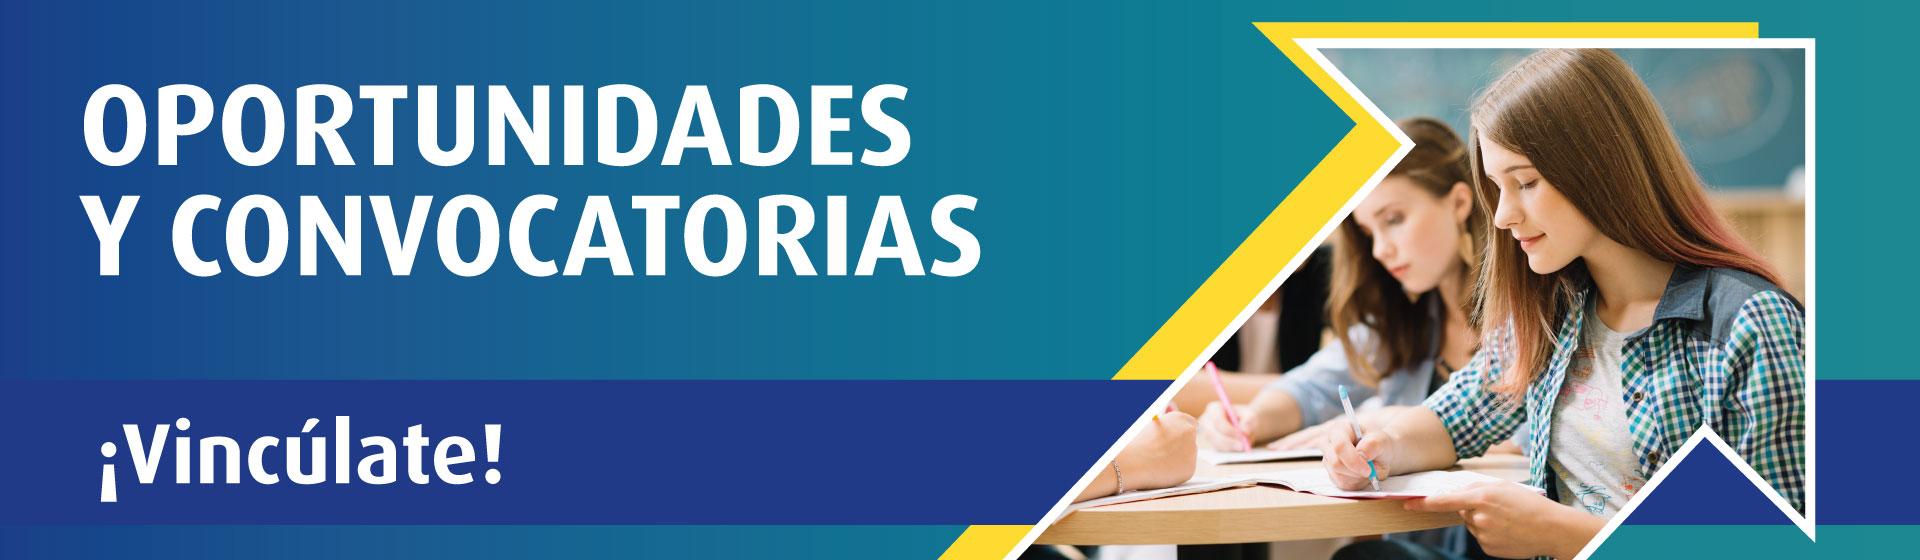 Oportunidades y convocatorias para estudiantes | Uniandes